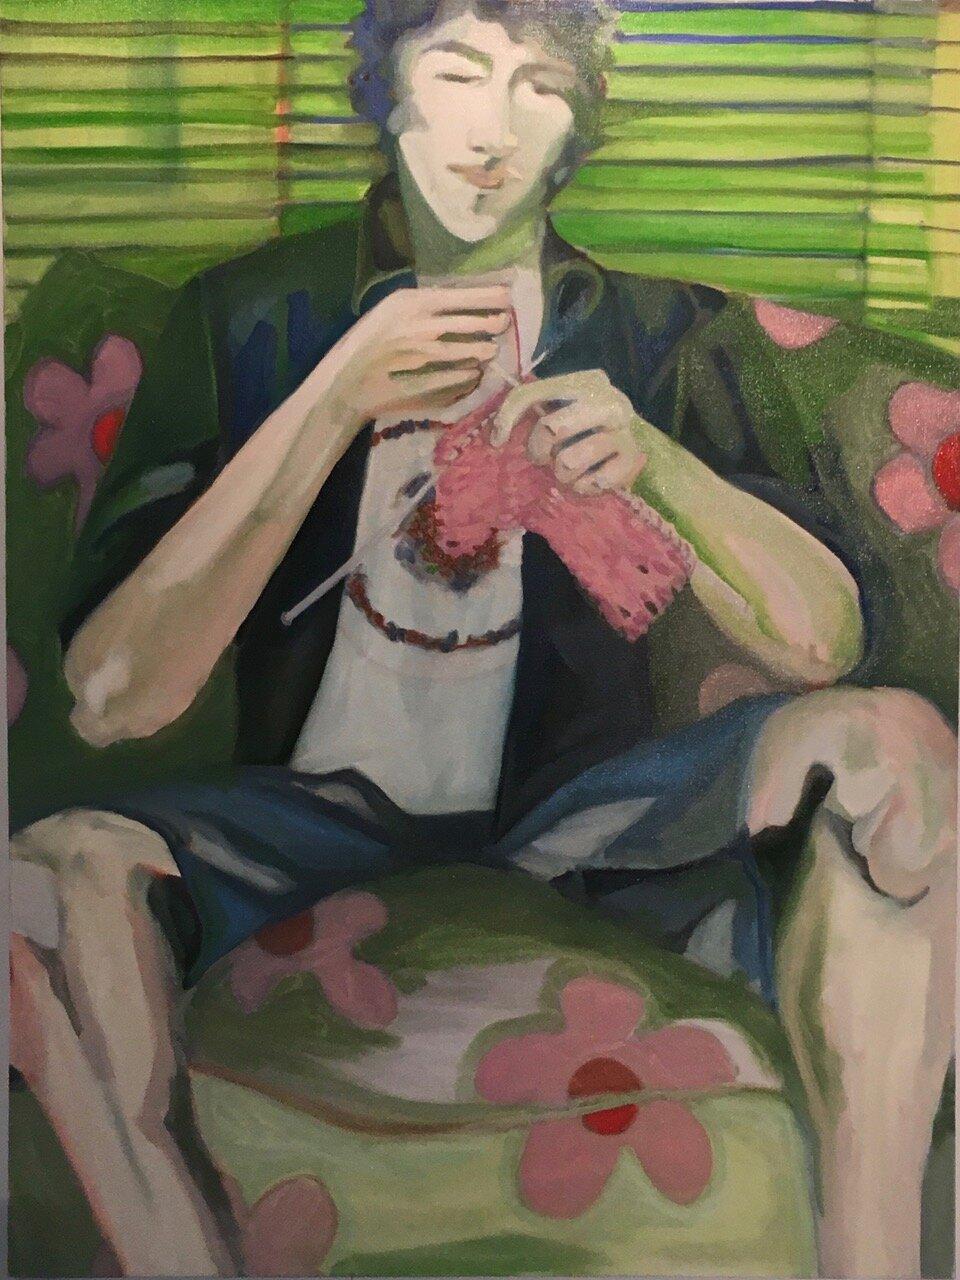 Knitter #1